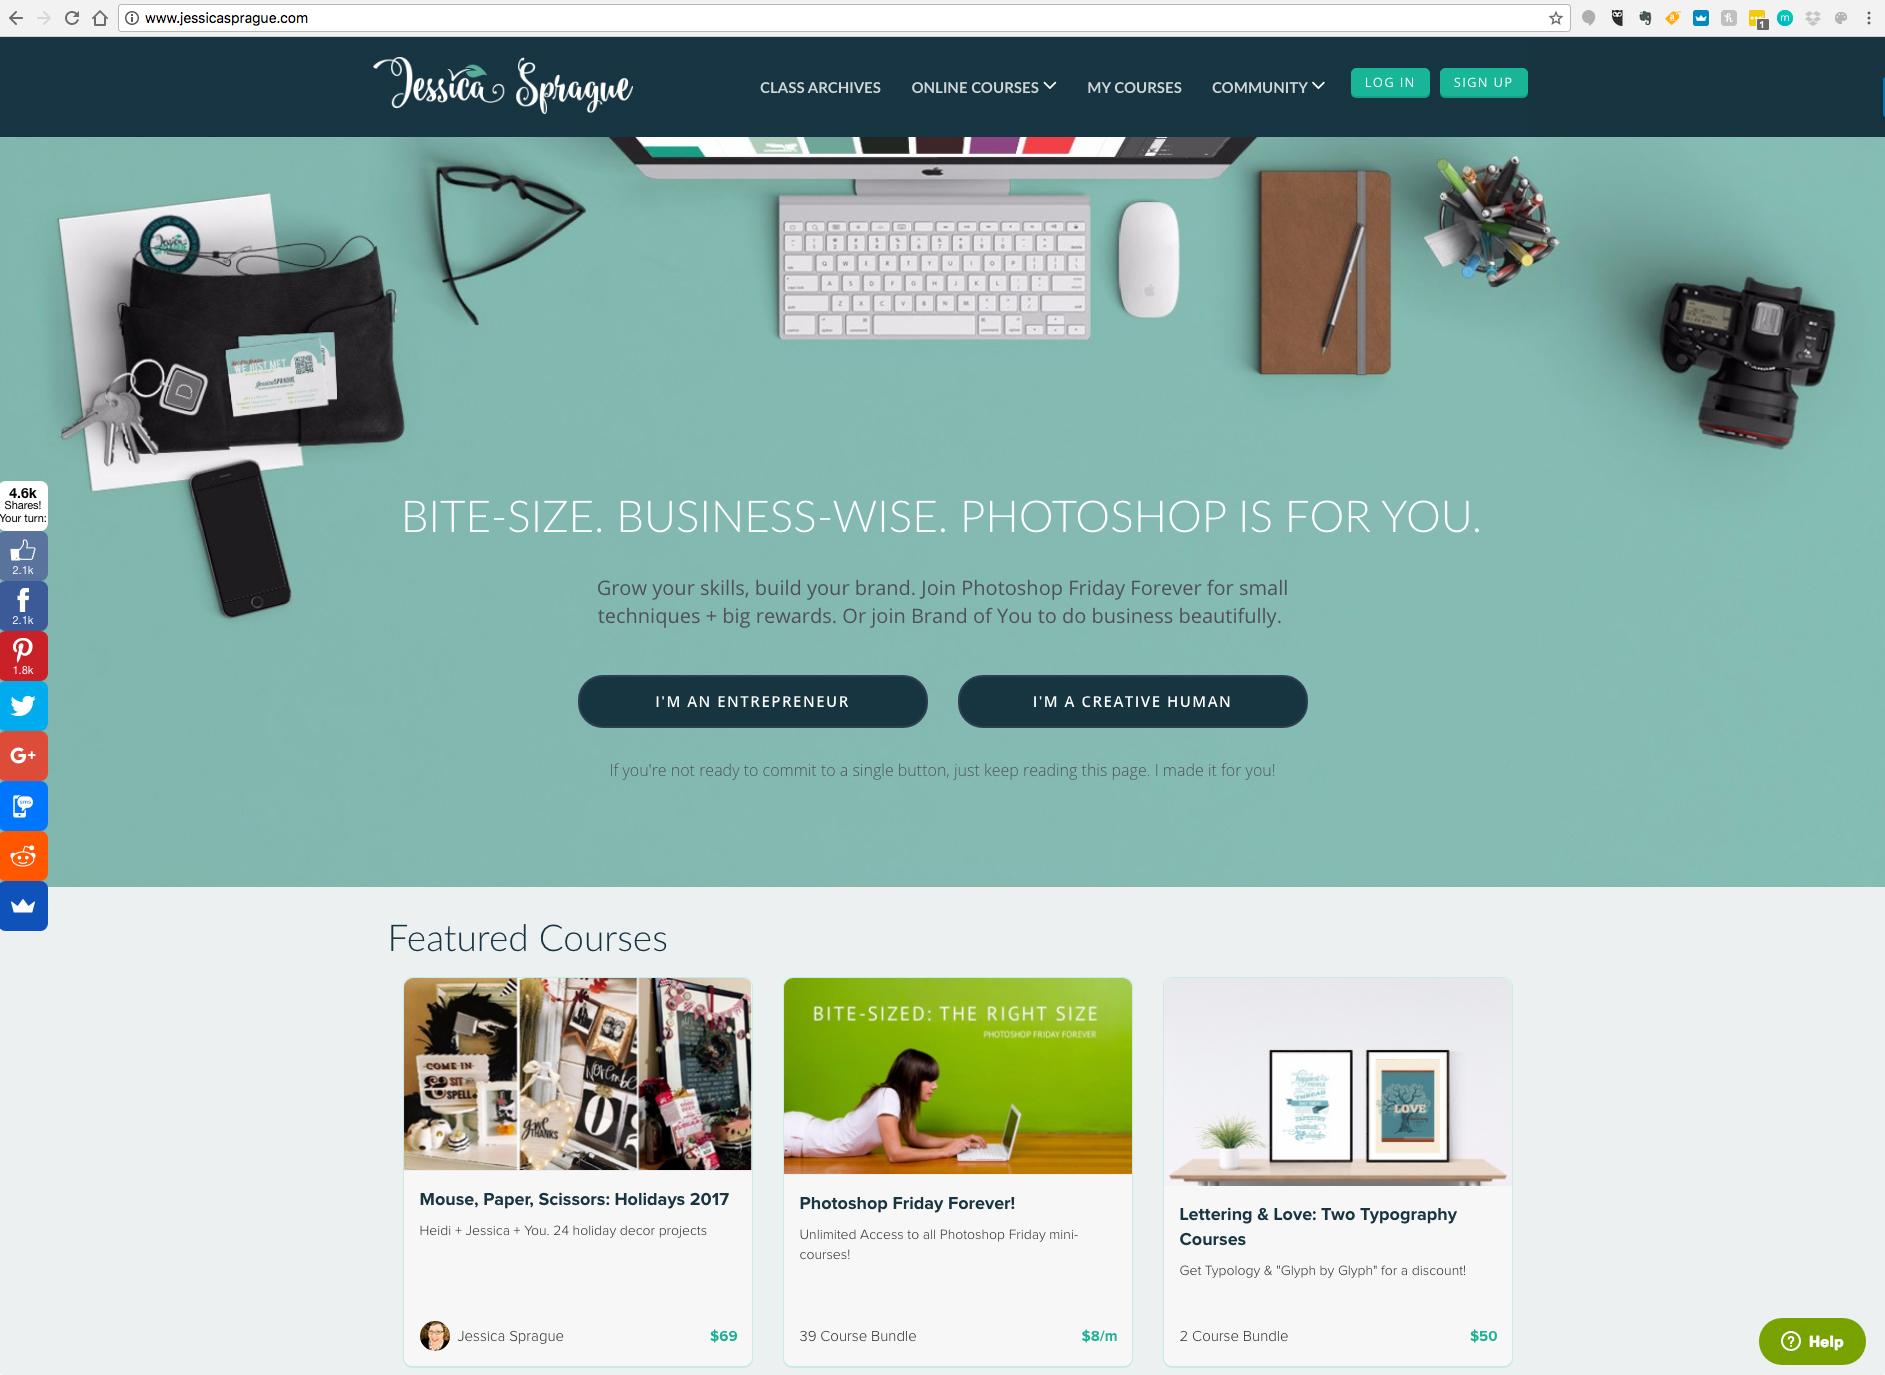 JessicaSprague.com Site Design, 2017